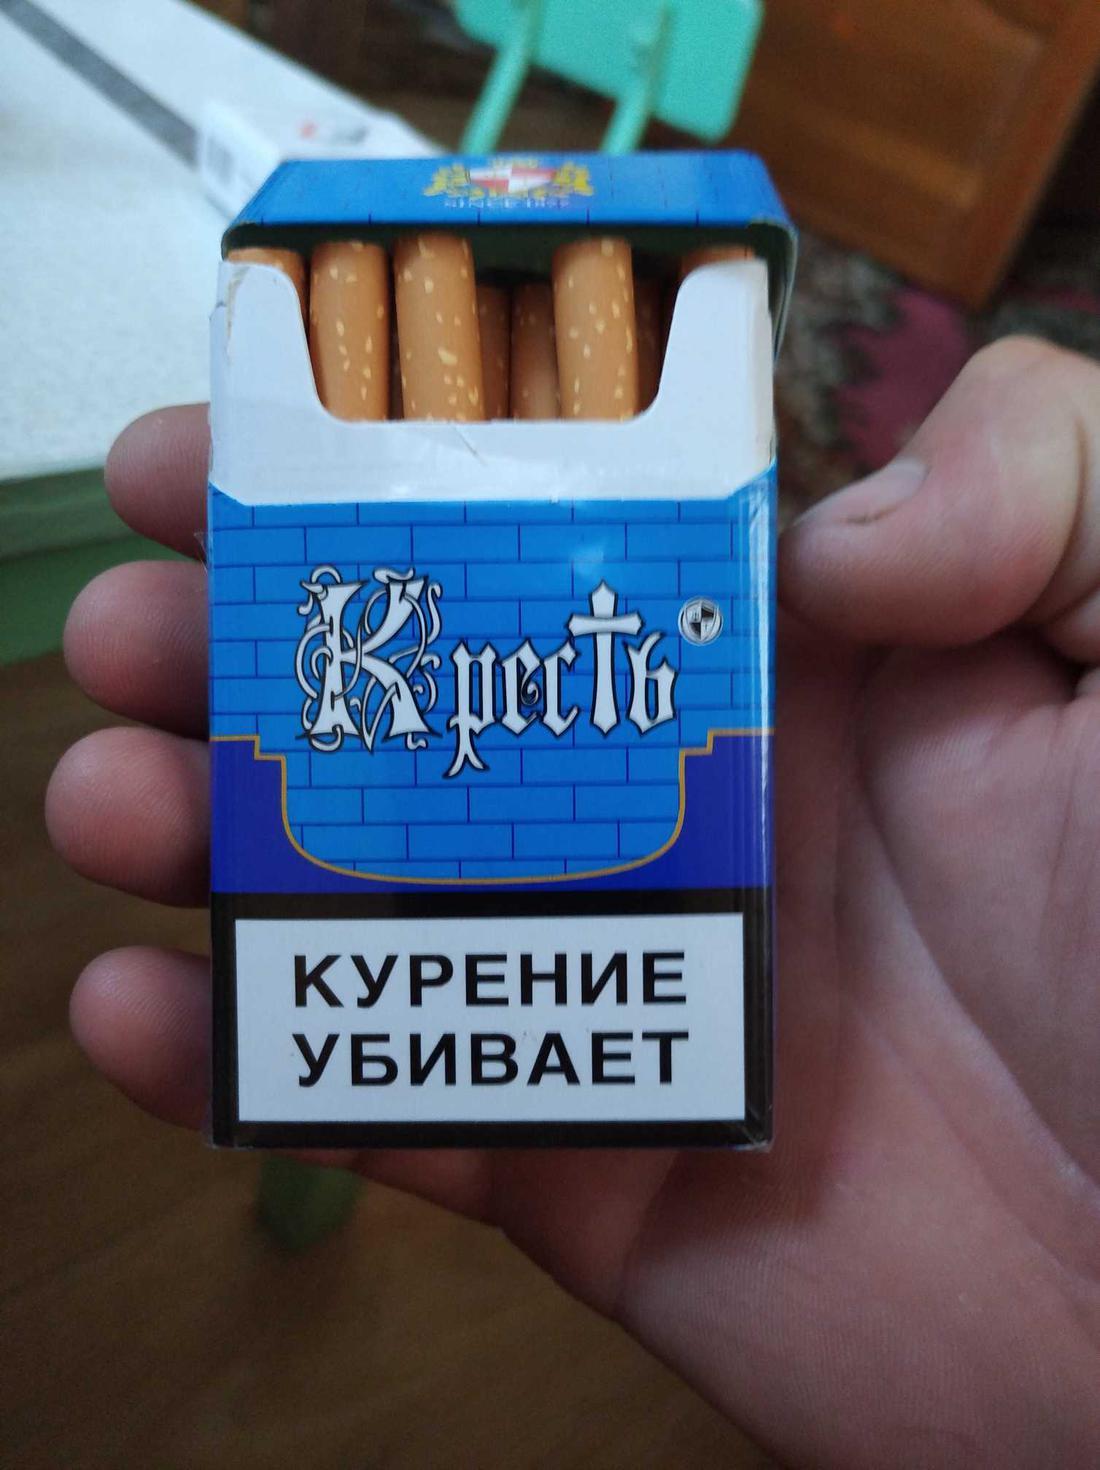 где купить сигареты кресты